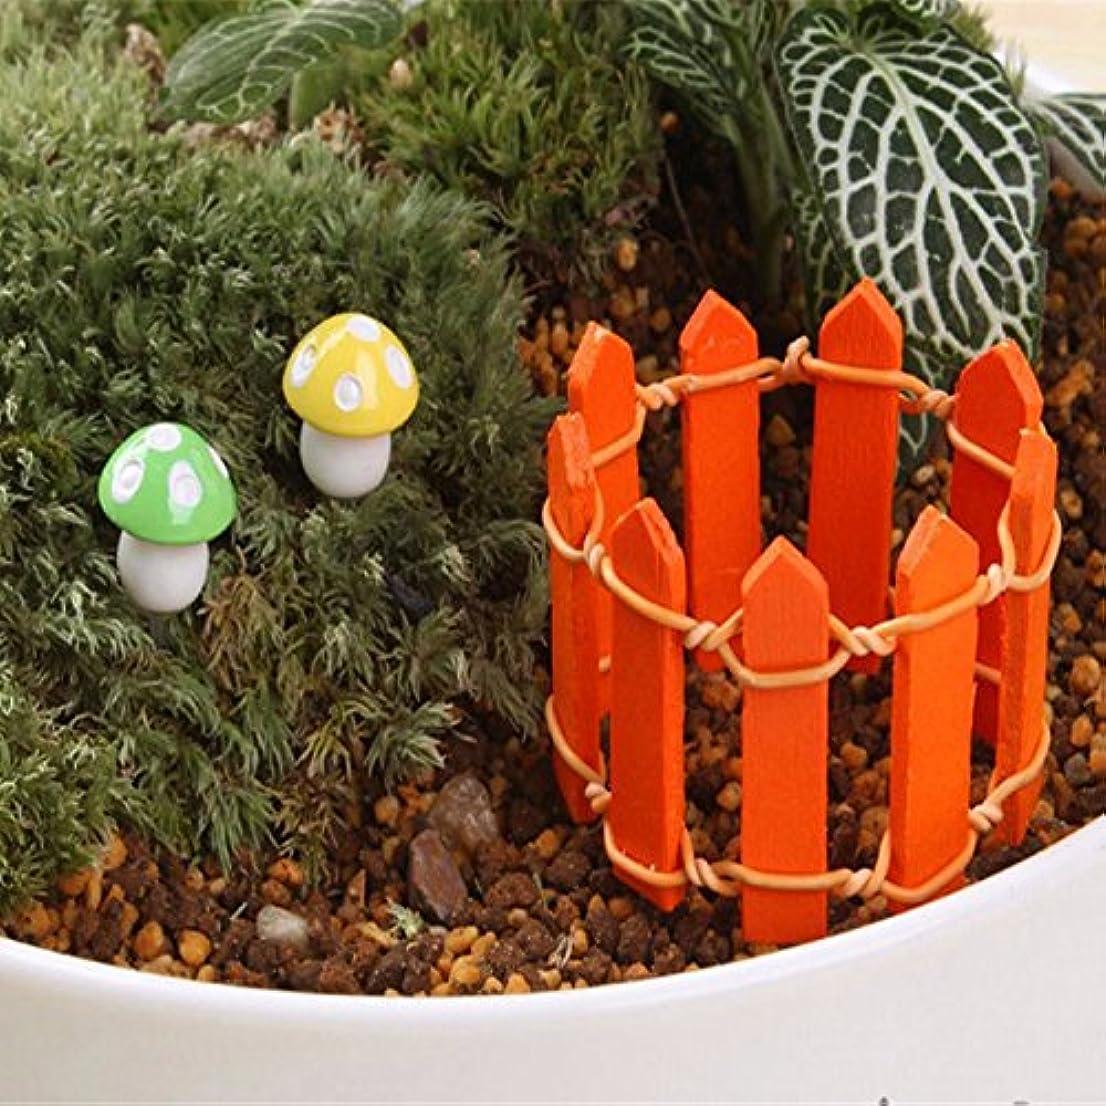 マーガレットミッチェル公式複製Jicorzo - 20個DIY木製の小さなフェンスモステラリウム植木鉢工芸ミニおもちゃフェアリーガーデンミニチュア[オレンジ]